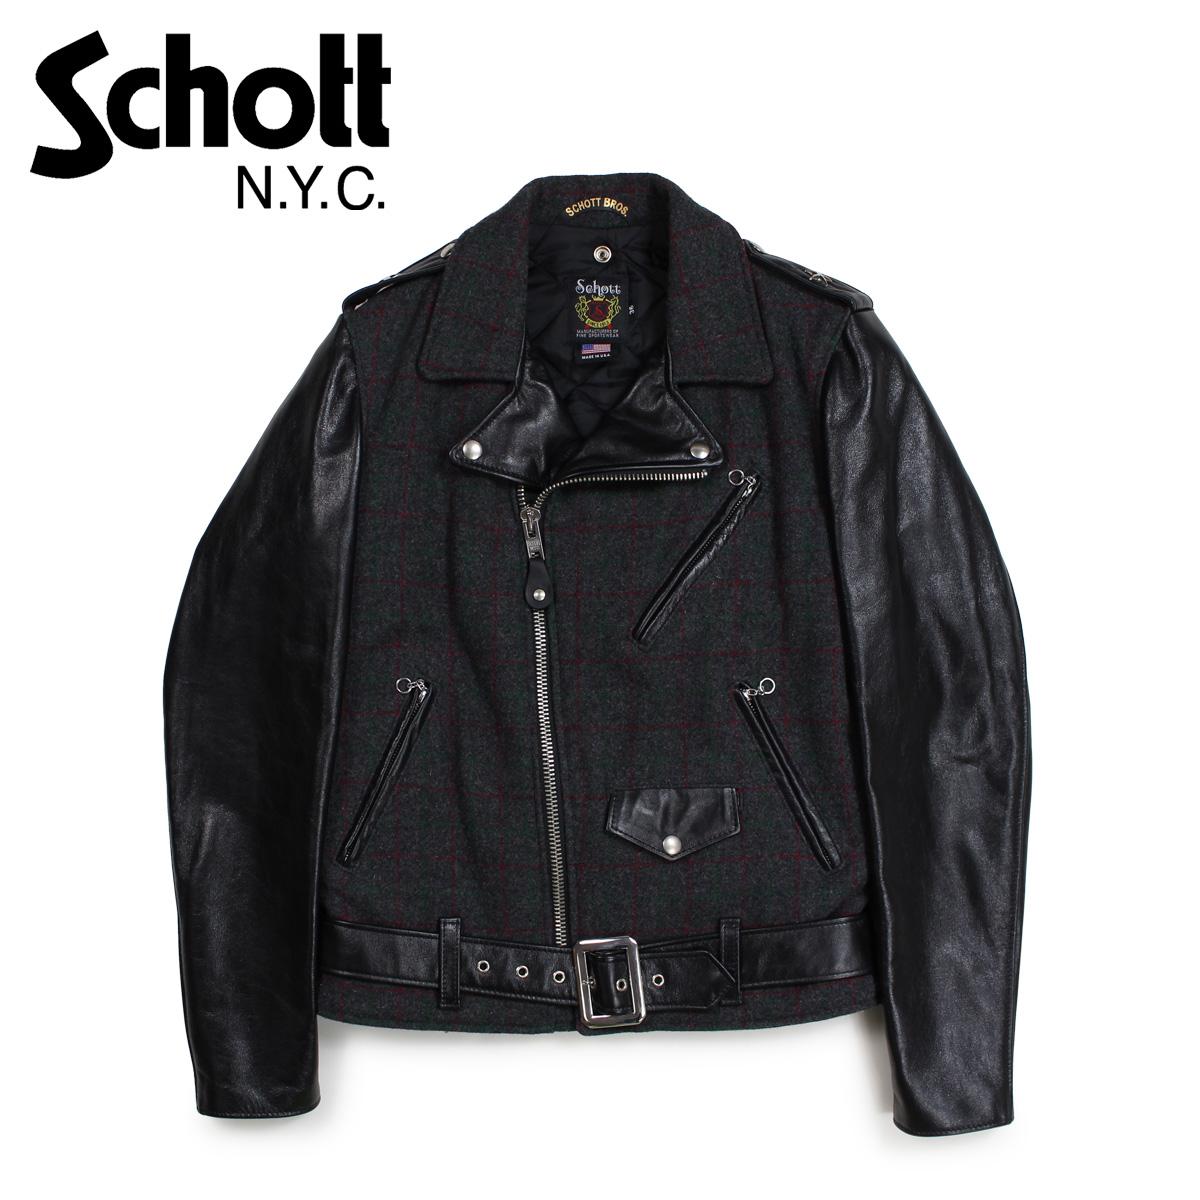 【最大2000円OFFクーポン】 ショット Schott ジャケット ライダースジャケット メンズ MEN WOOL LEATHER RIDERS JACKET ブラック